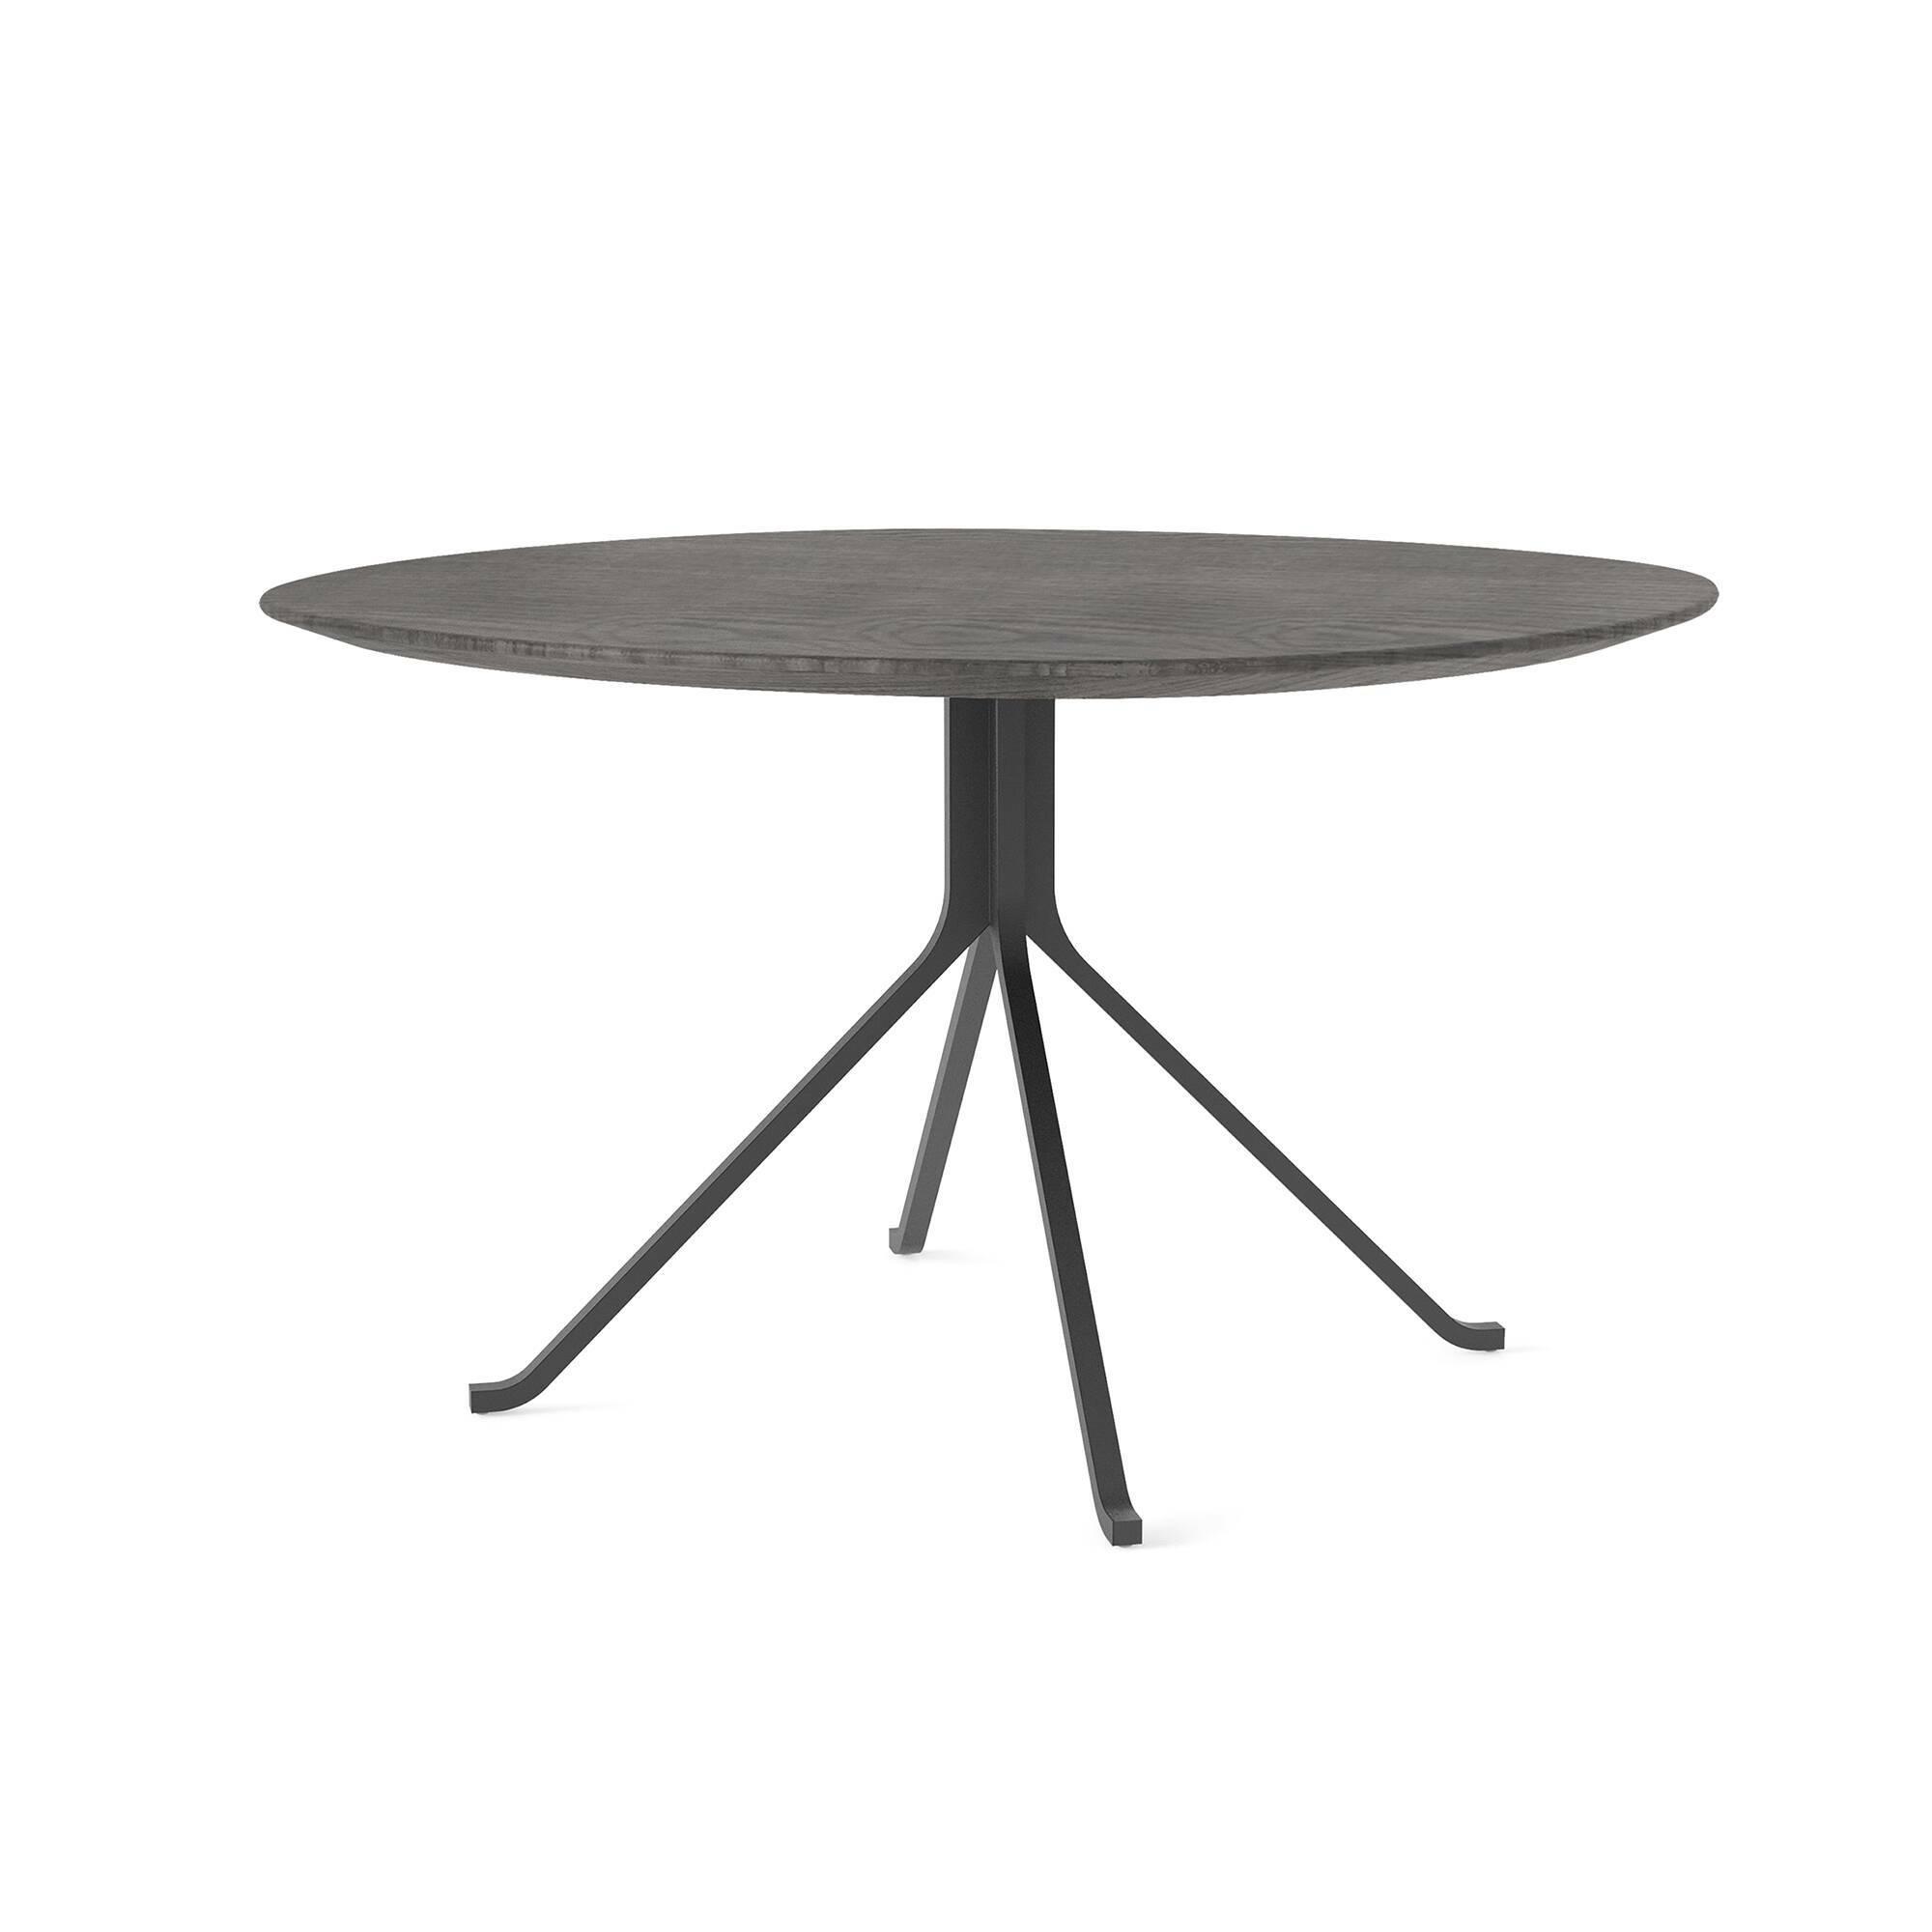 Обеденный стол Blink с деревянной столешницей диаметр 120 обеденный стол tulip с деревянной столешницей диаметр 122